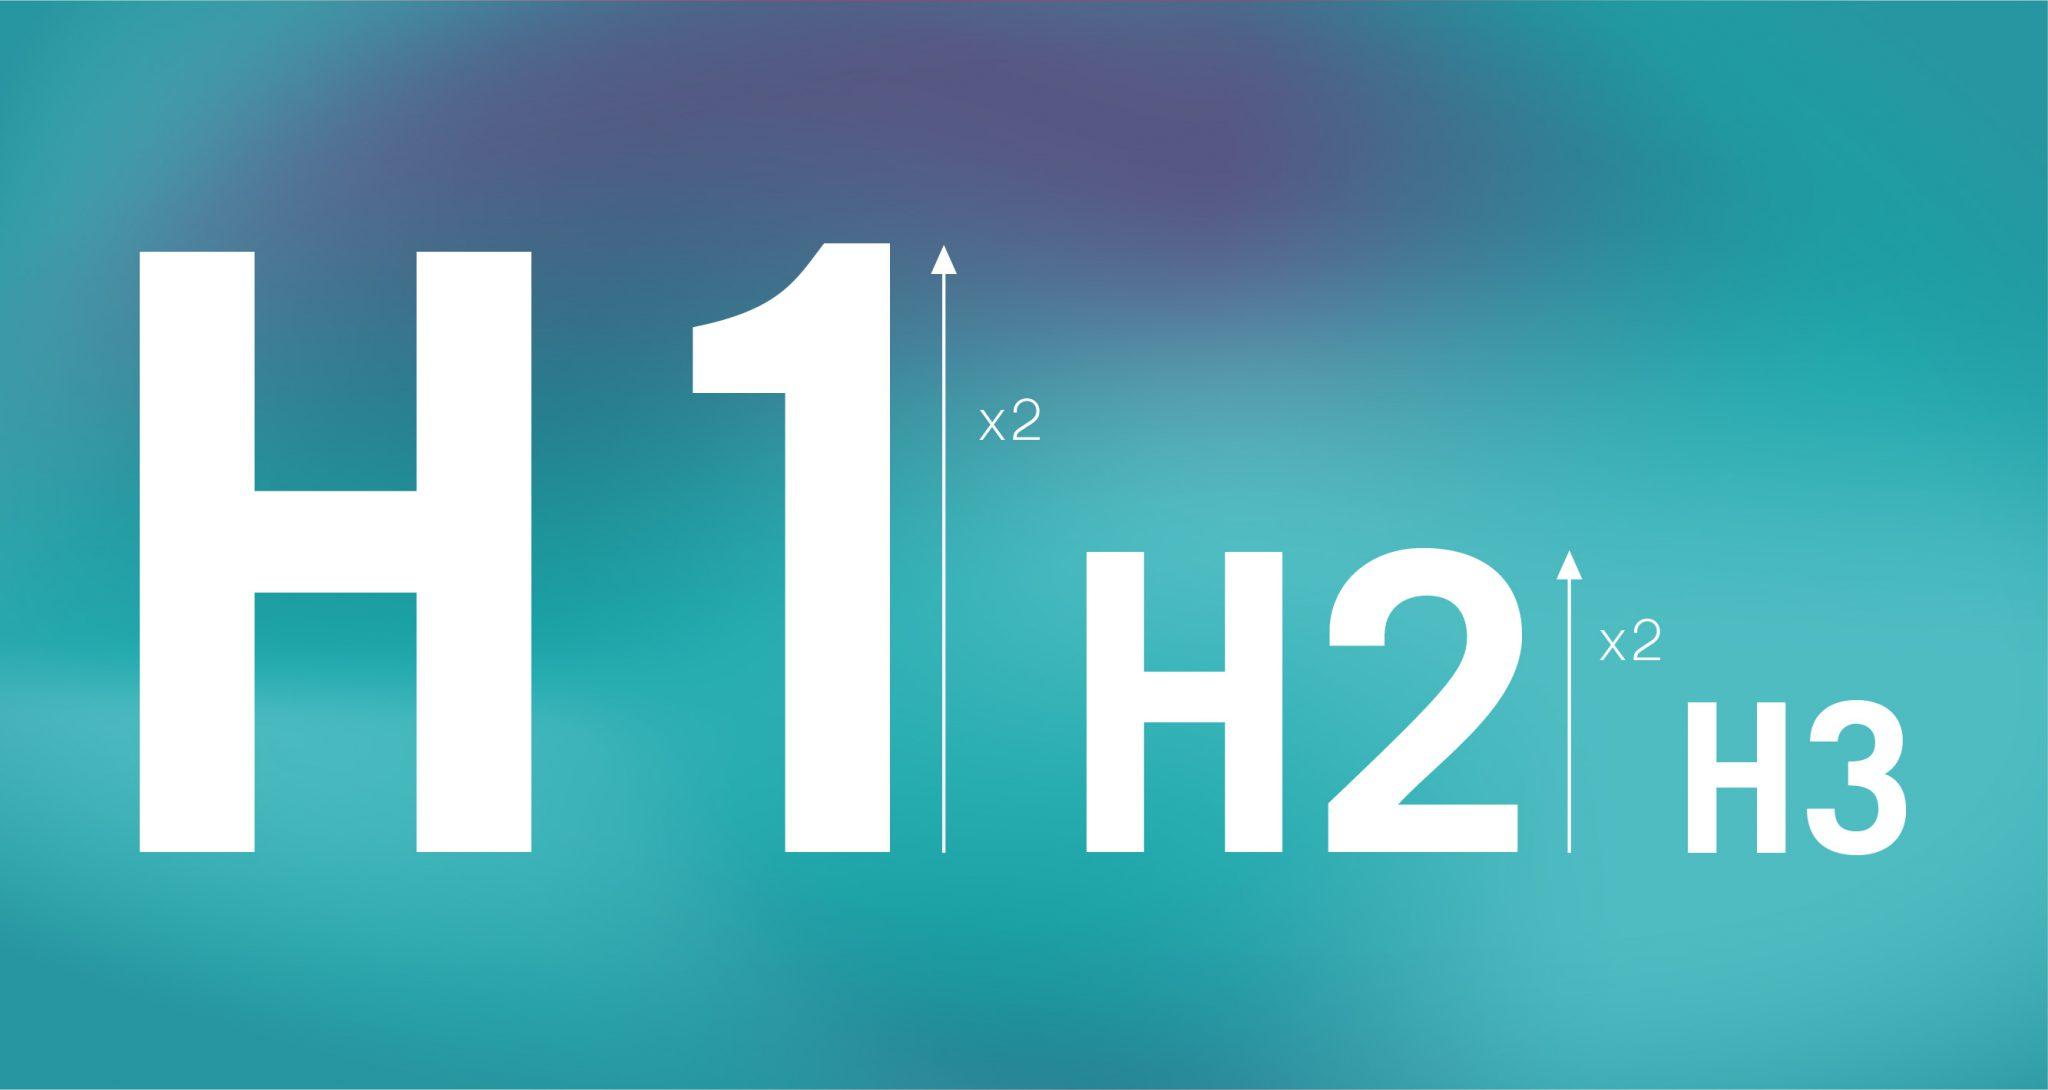 H1, H2, H3